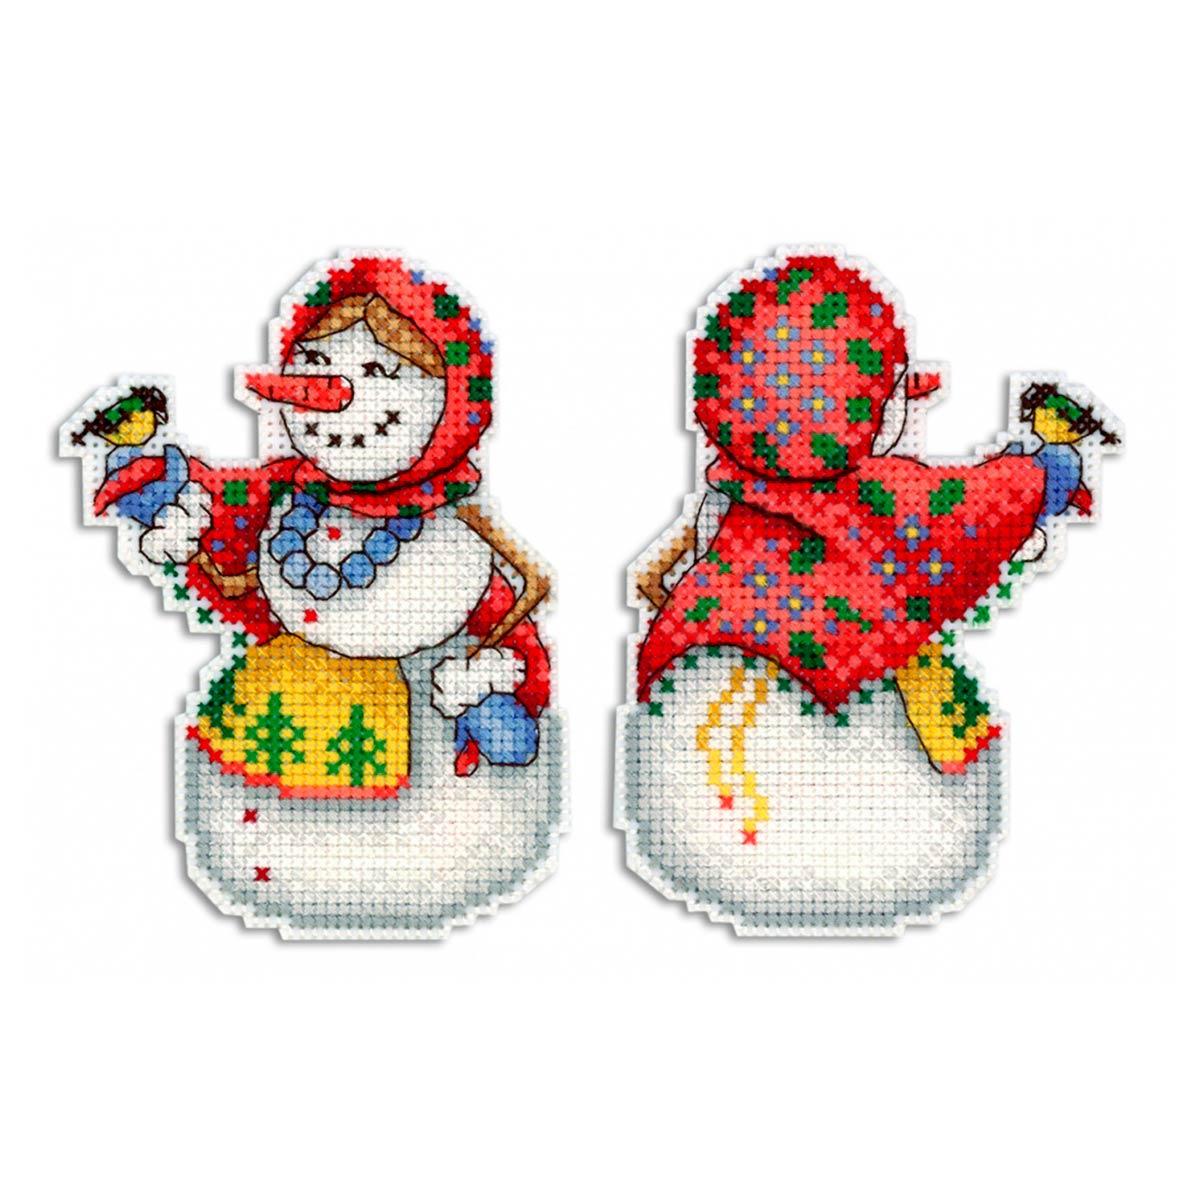 Р-319 Набор для вышивания на пластиковой канве МП Студия 'Снеговушка' 11*8см